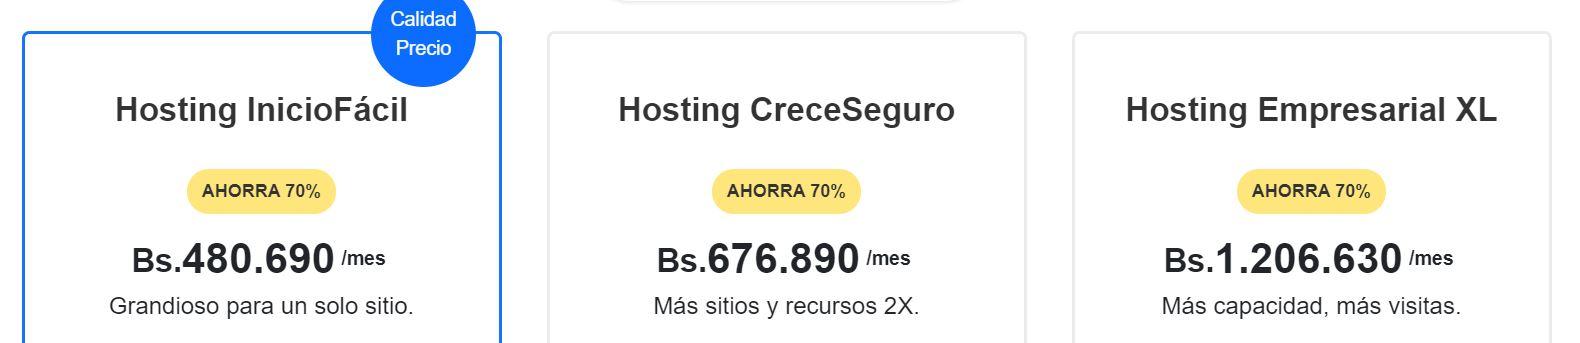 Los precios de los hosting Venezuela varían en función del plan que adquieras.